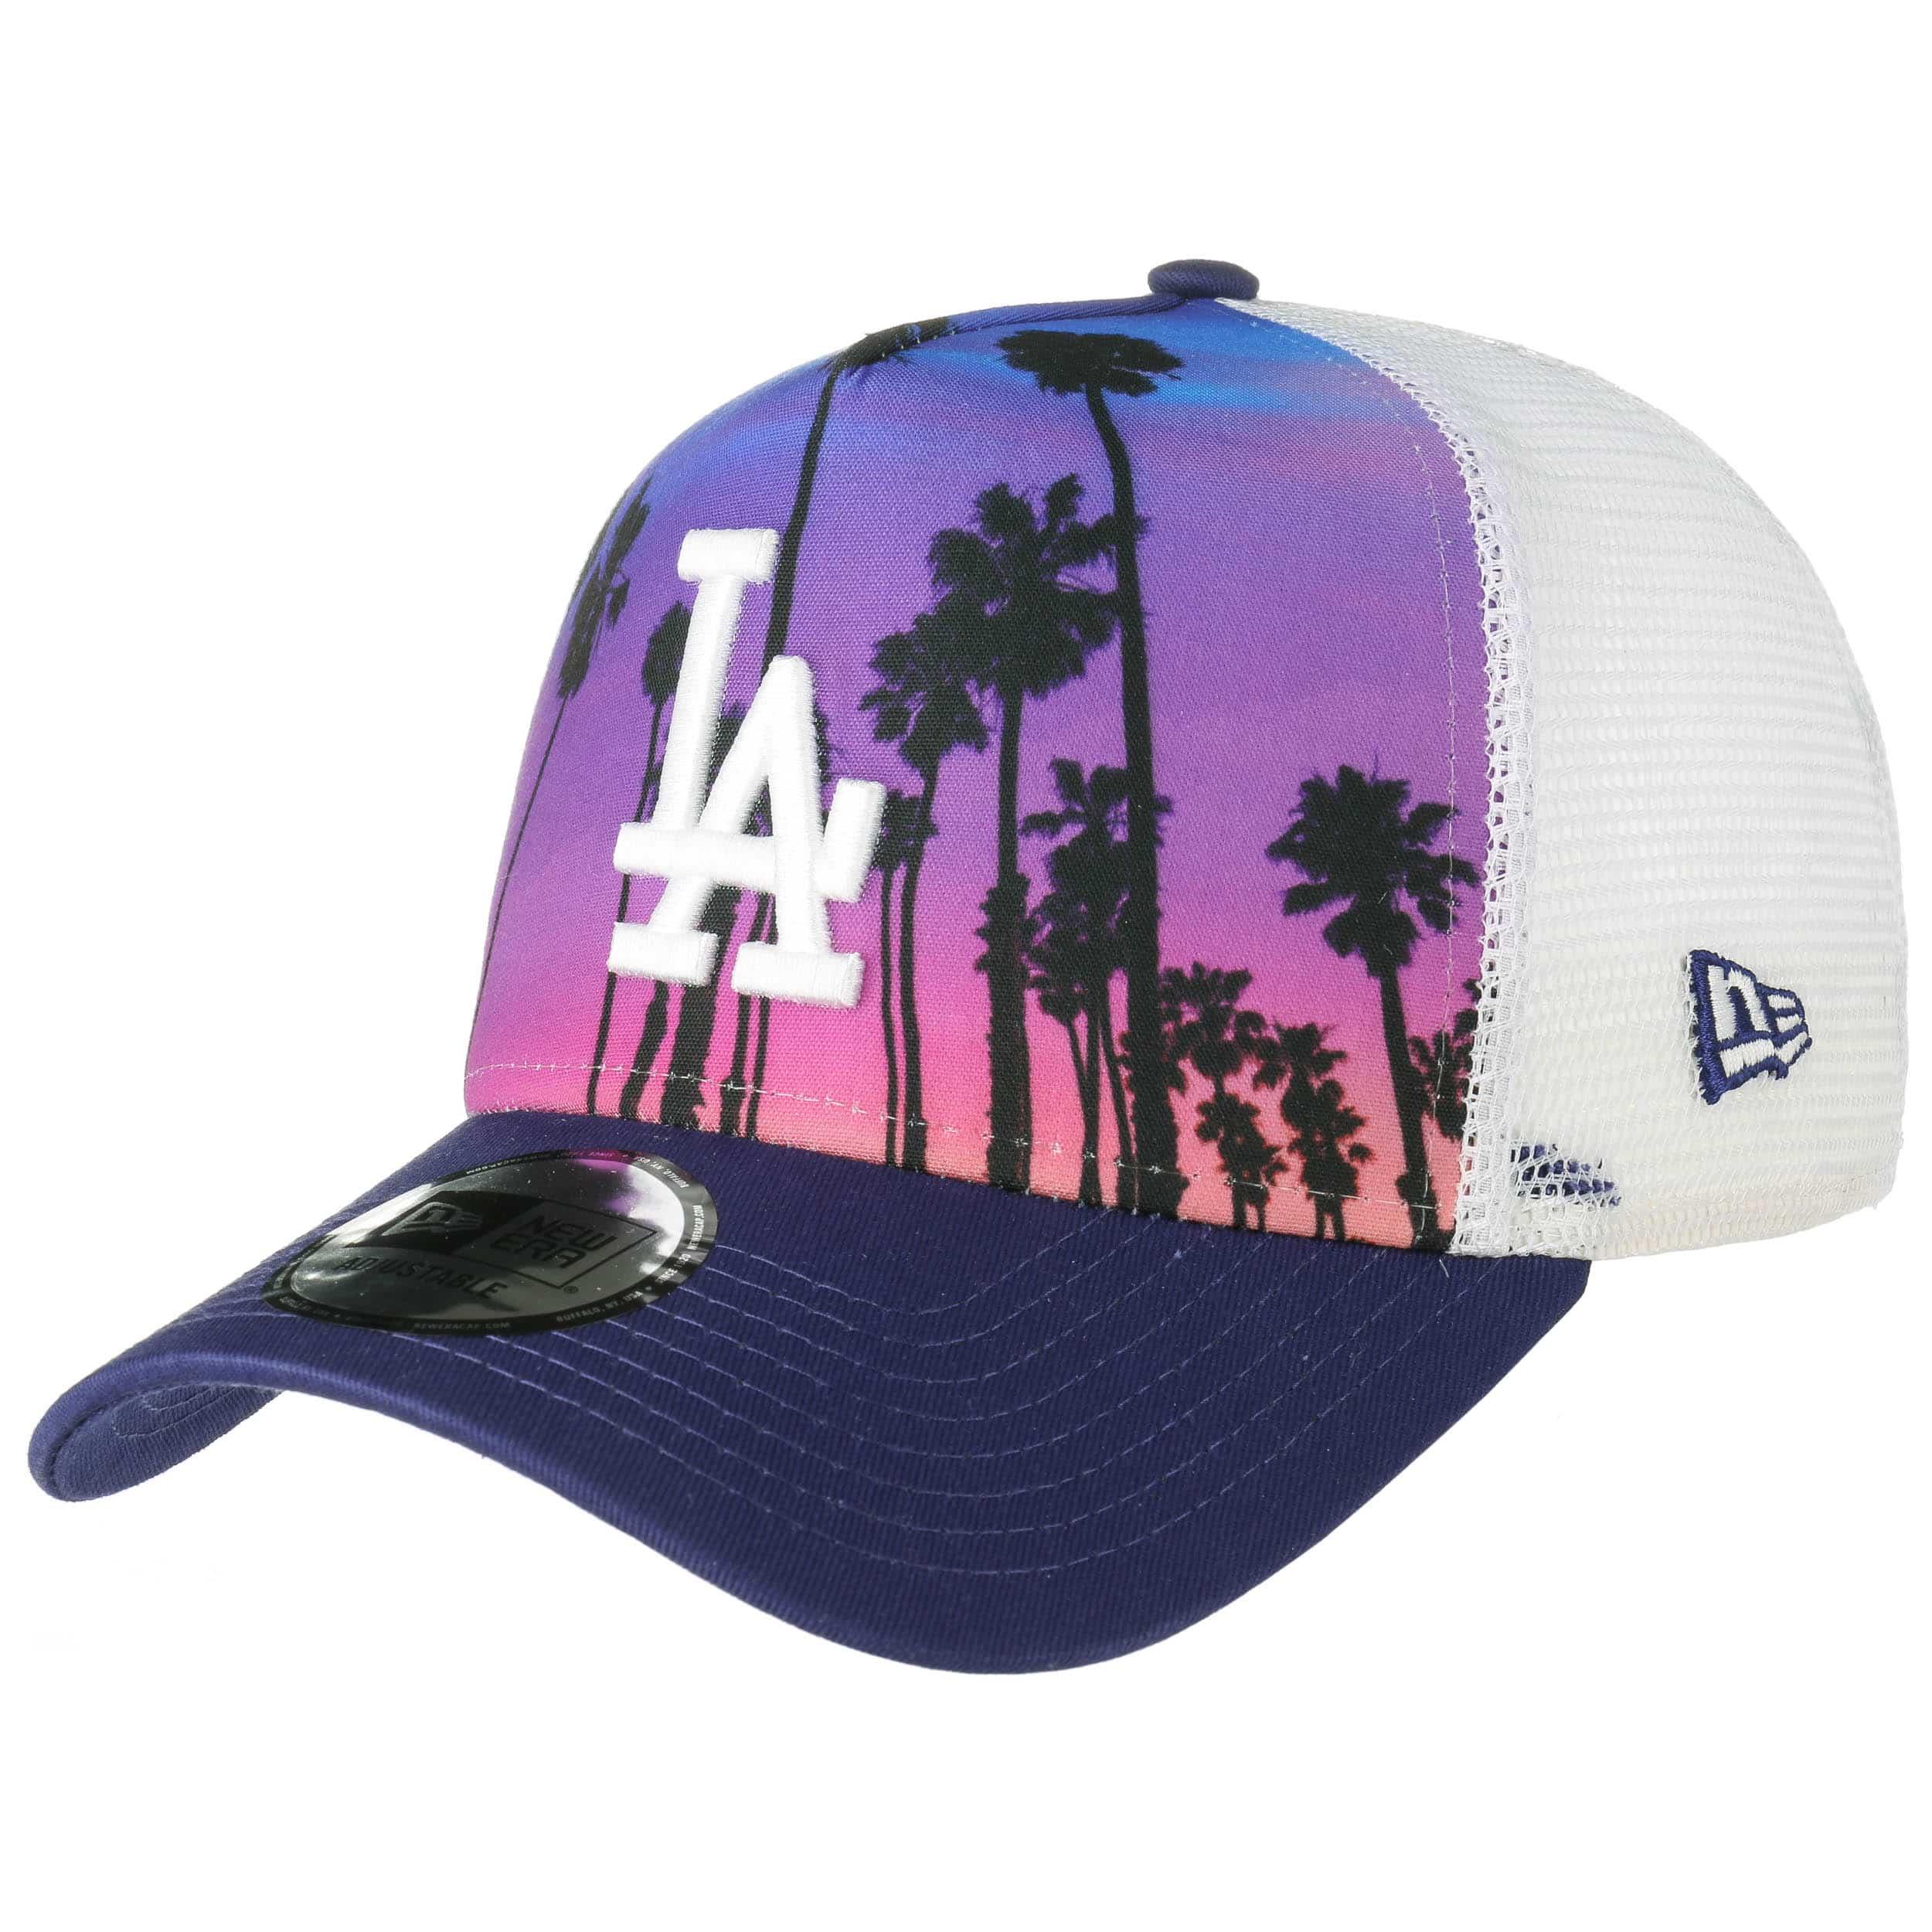 7552b75b37b8f ... West Coast LA Trucker Cap by New Era - purple 6